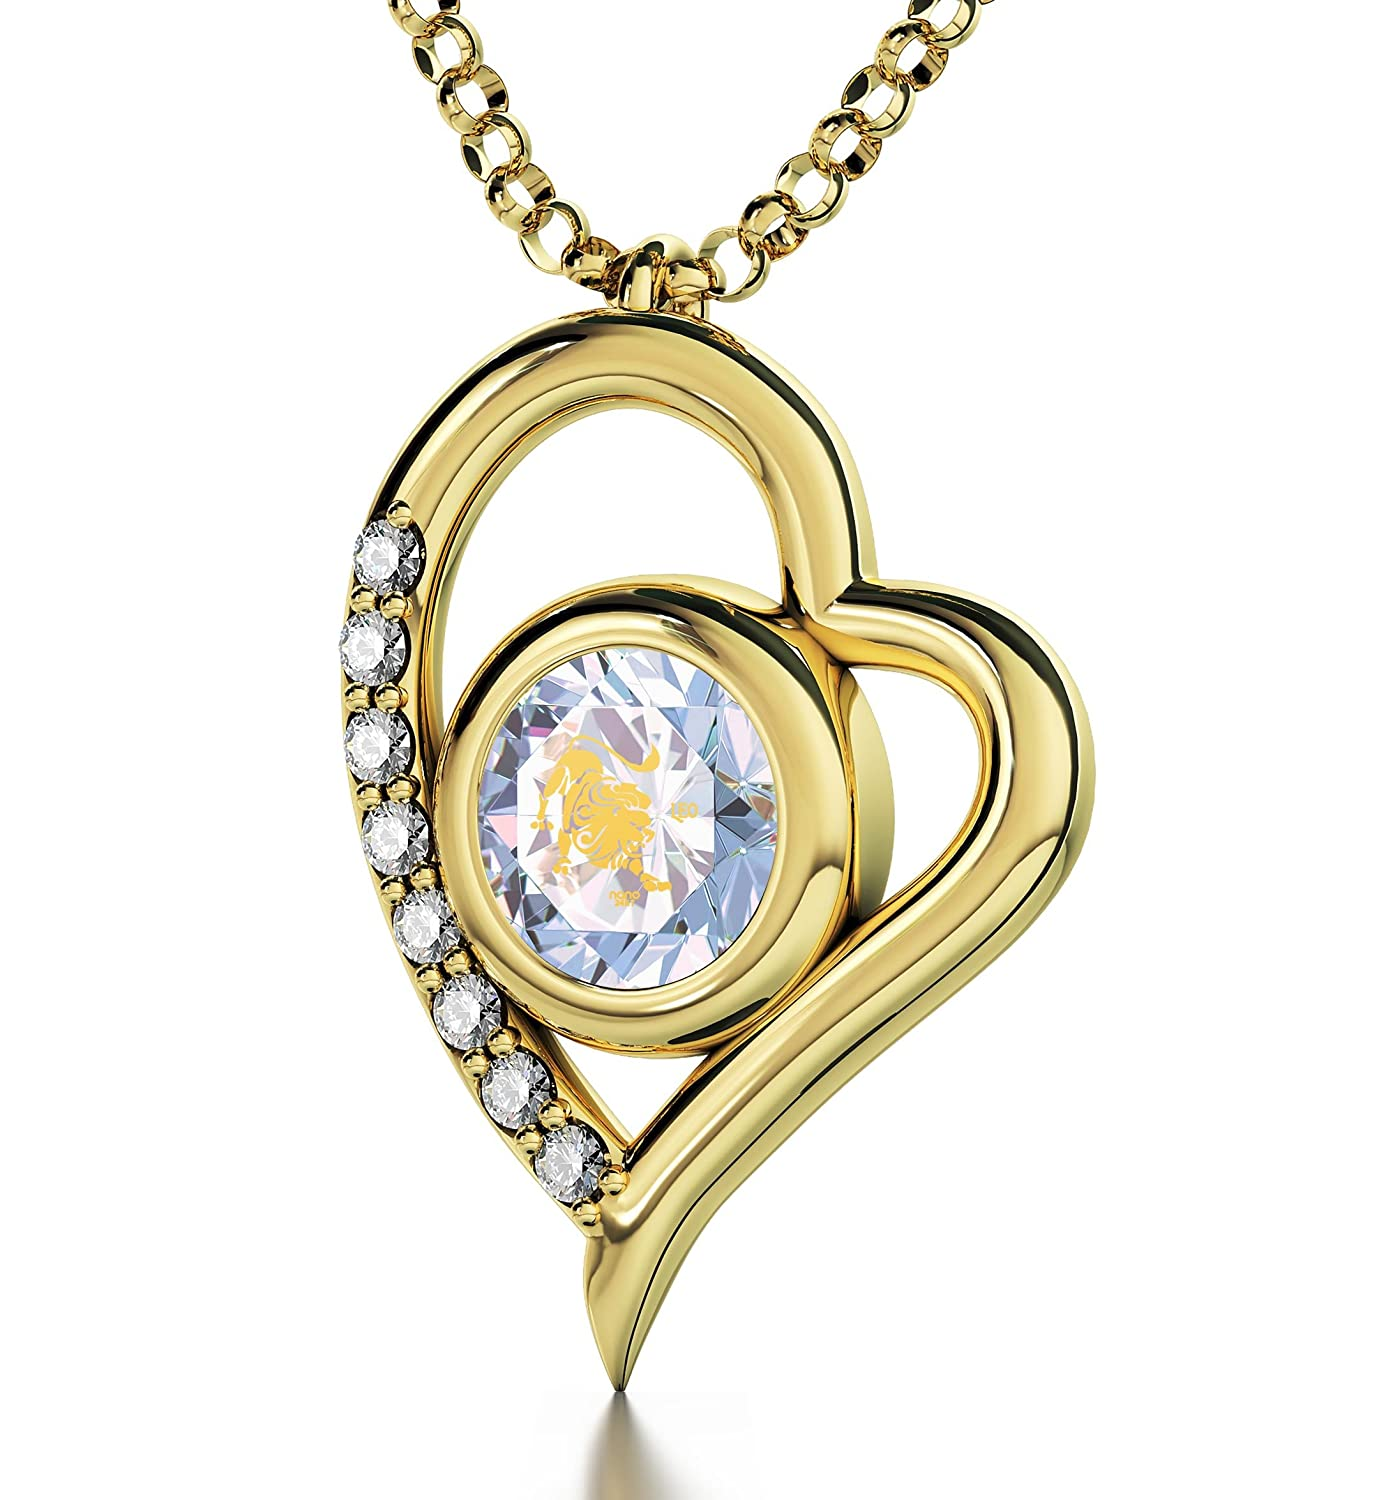 Herz-Schmuck - Vergoldeter Löwe-Anhänger - Astrozeichen-Halskette mit kristallenem Zirkonia - Zodiac-Amulett in 24k Gold beschriftet - Einzigartige Geburtstagsgeschenk-Ideen